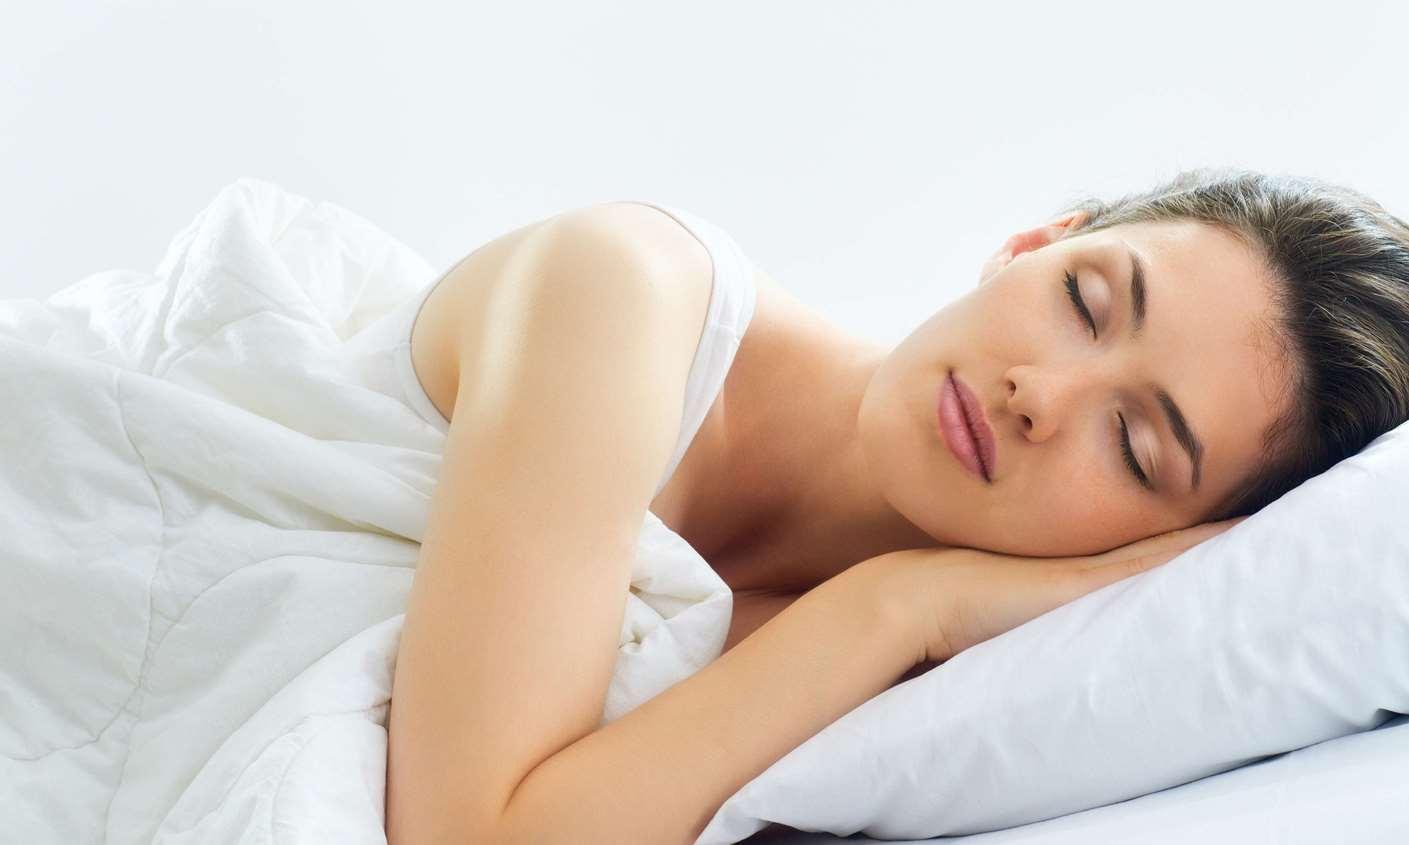 النوم لساعات طويلة من أعراض فقر الدم